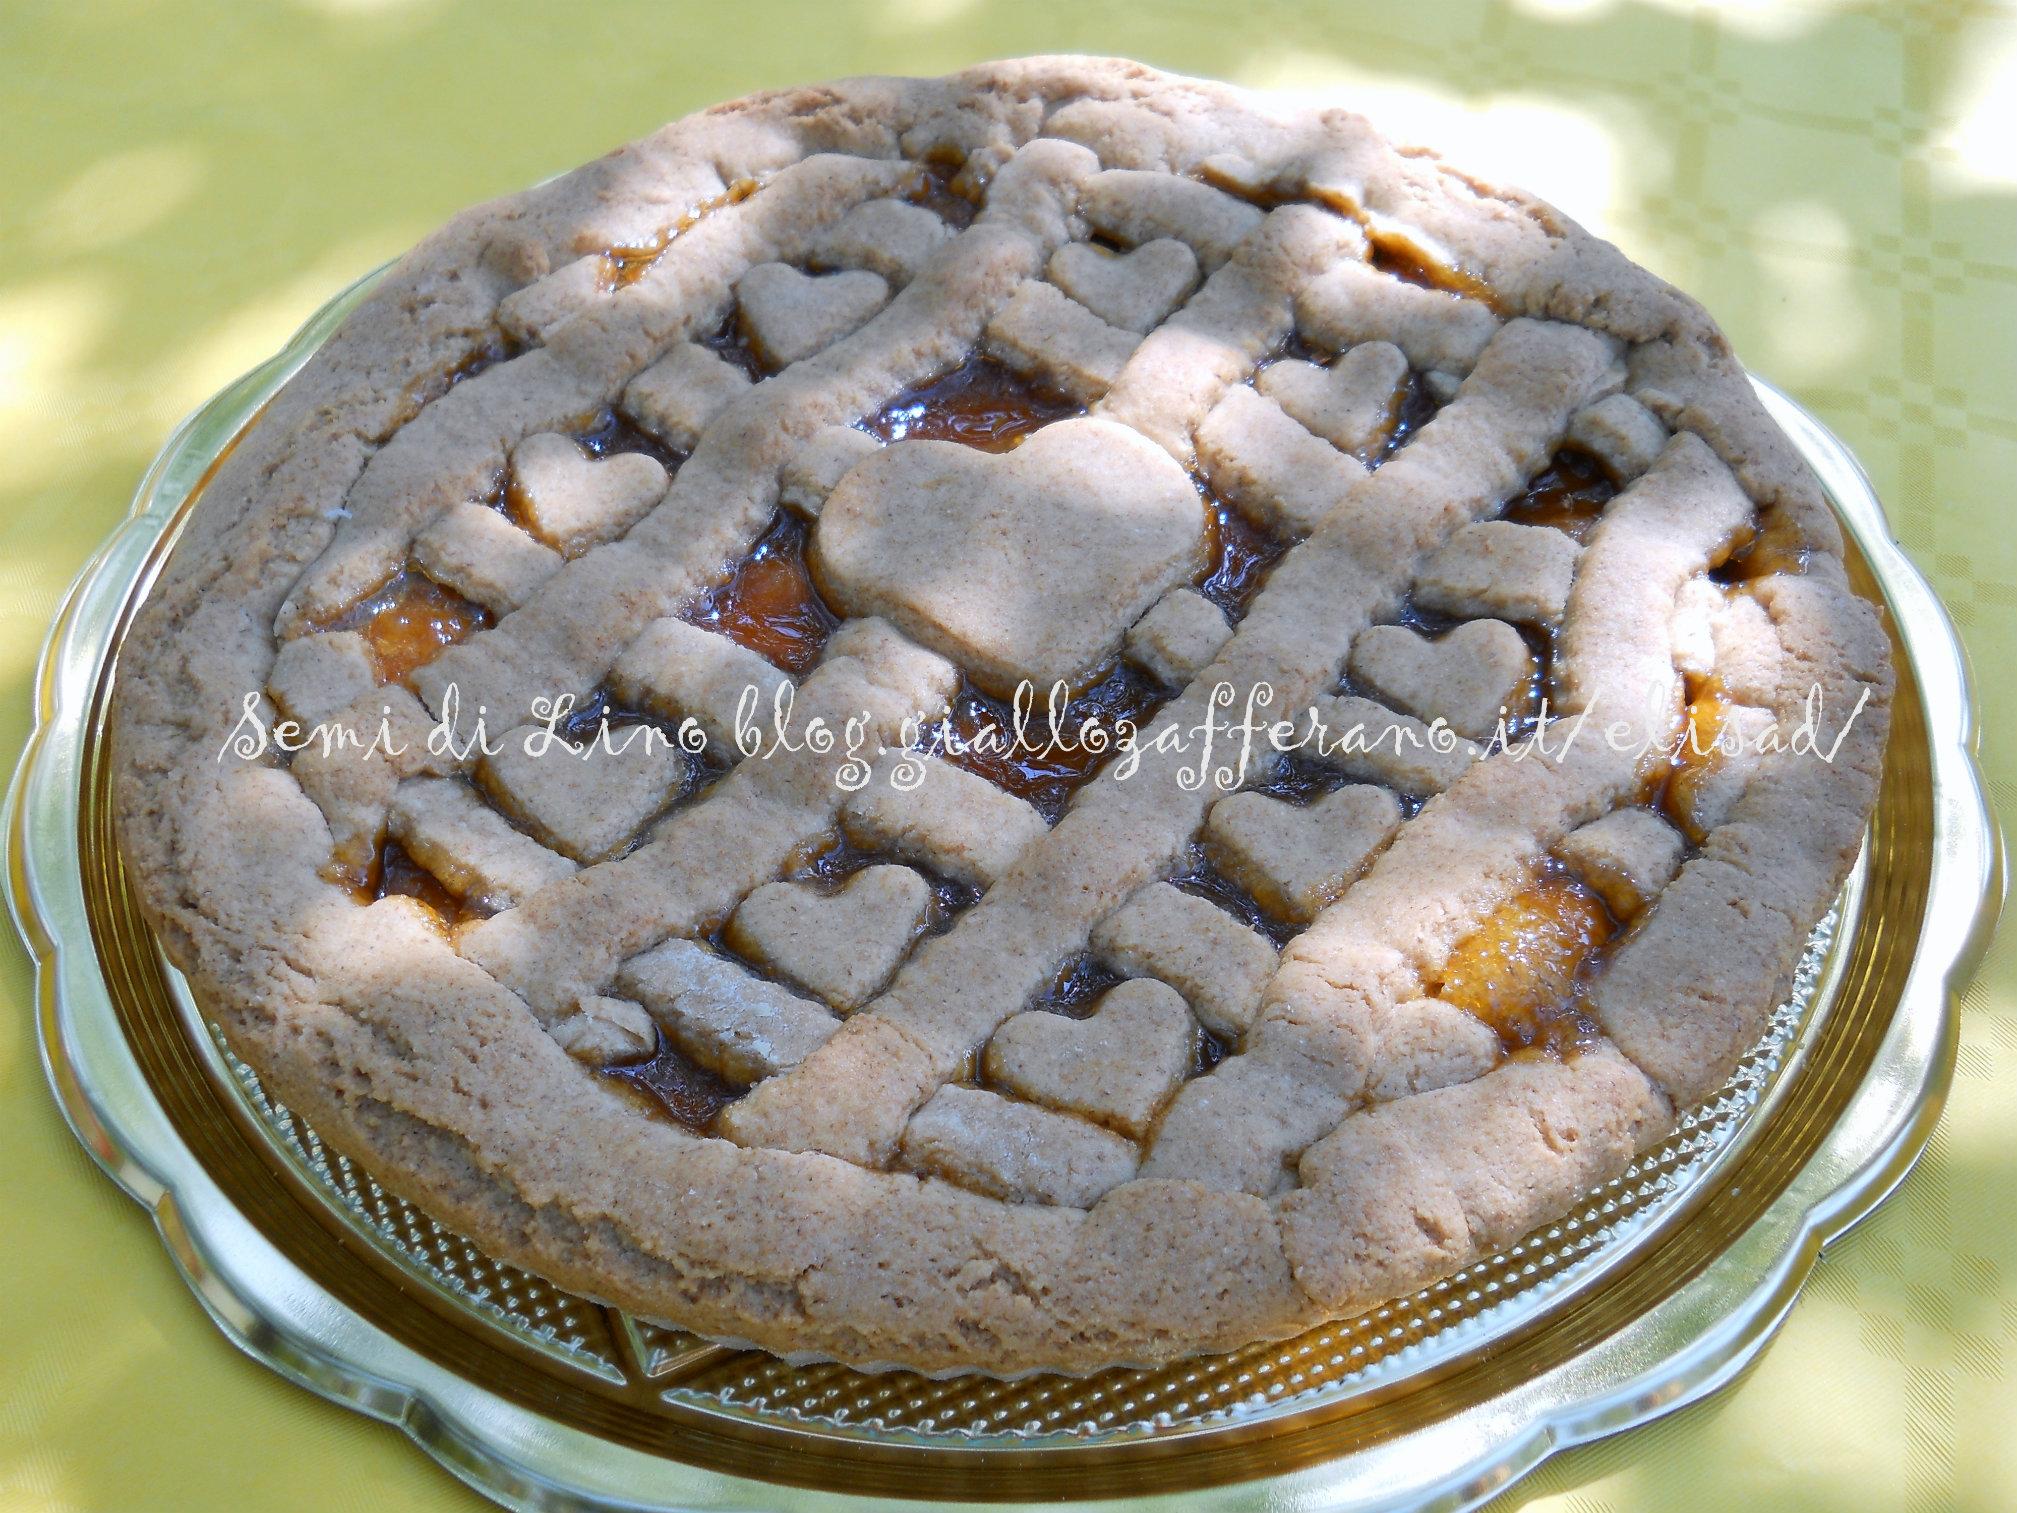 Ricetta torta con farina integrale di farro